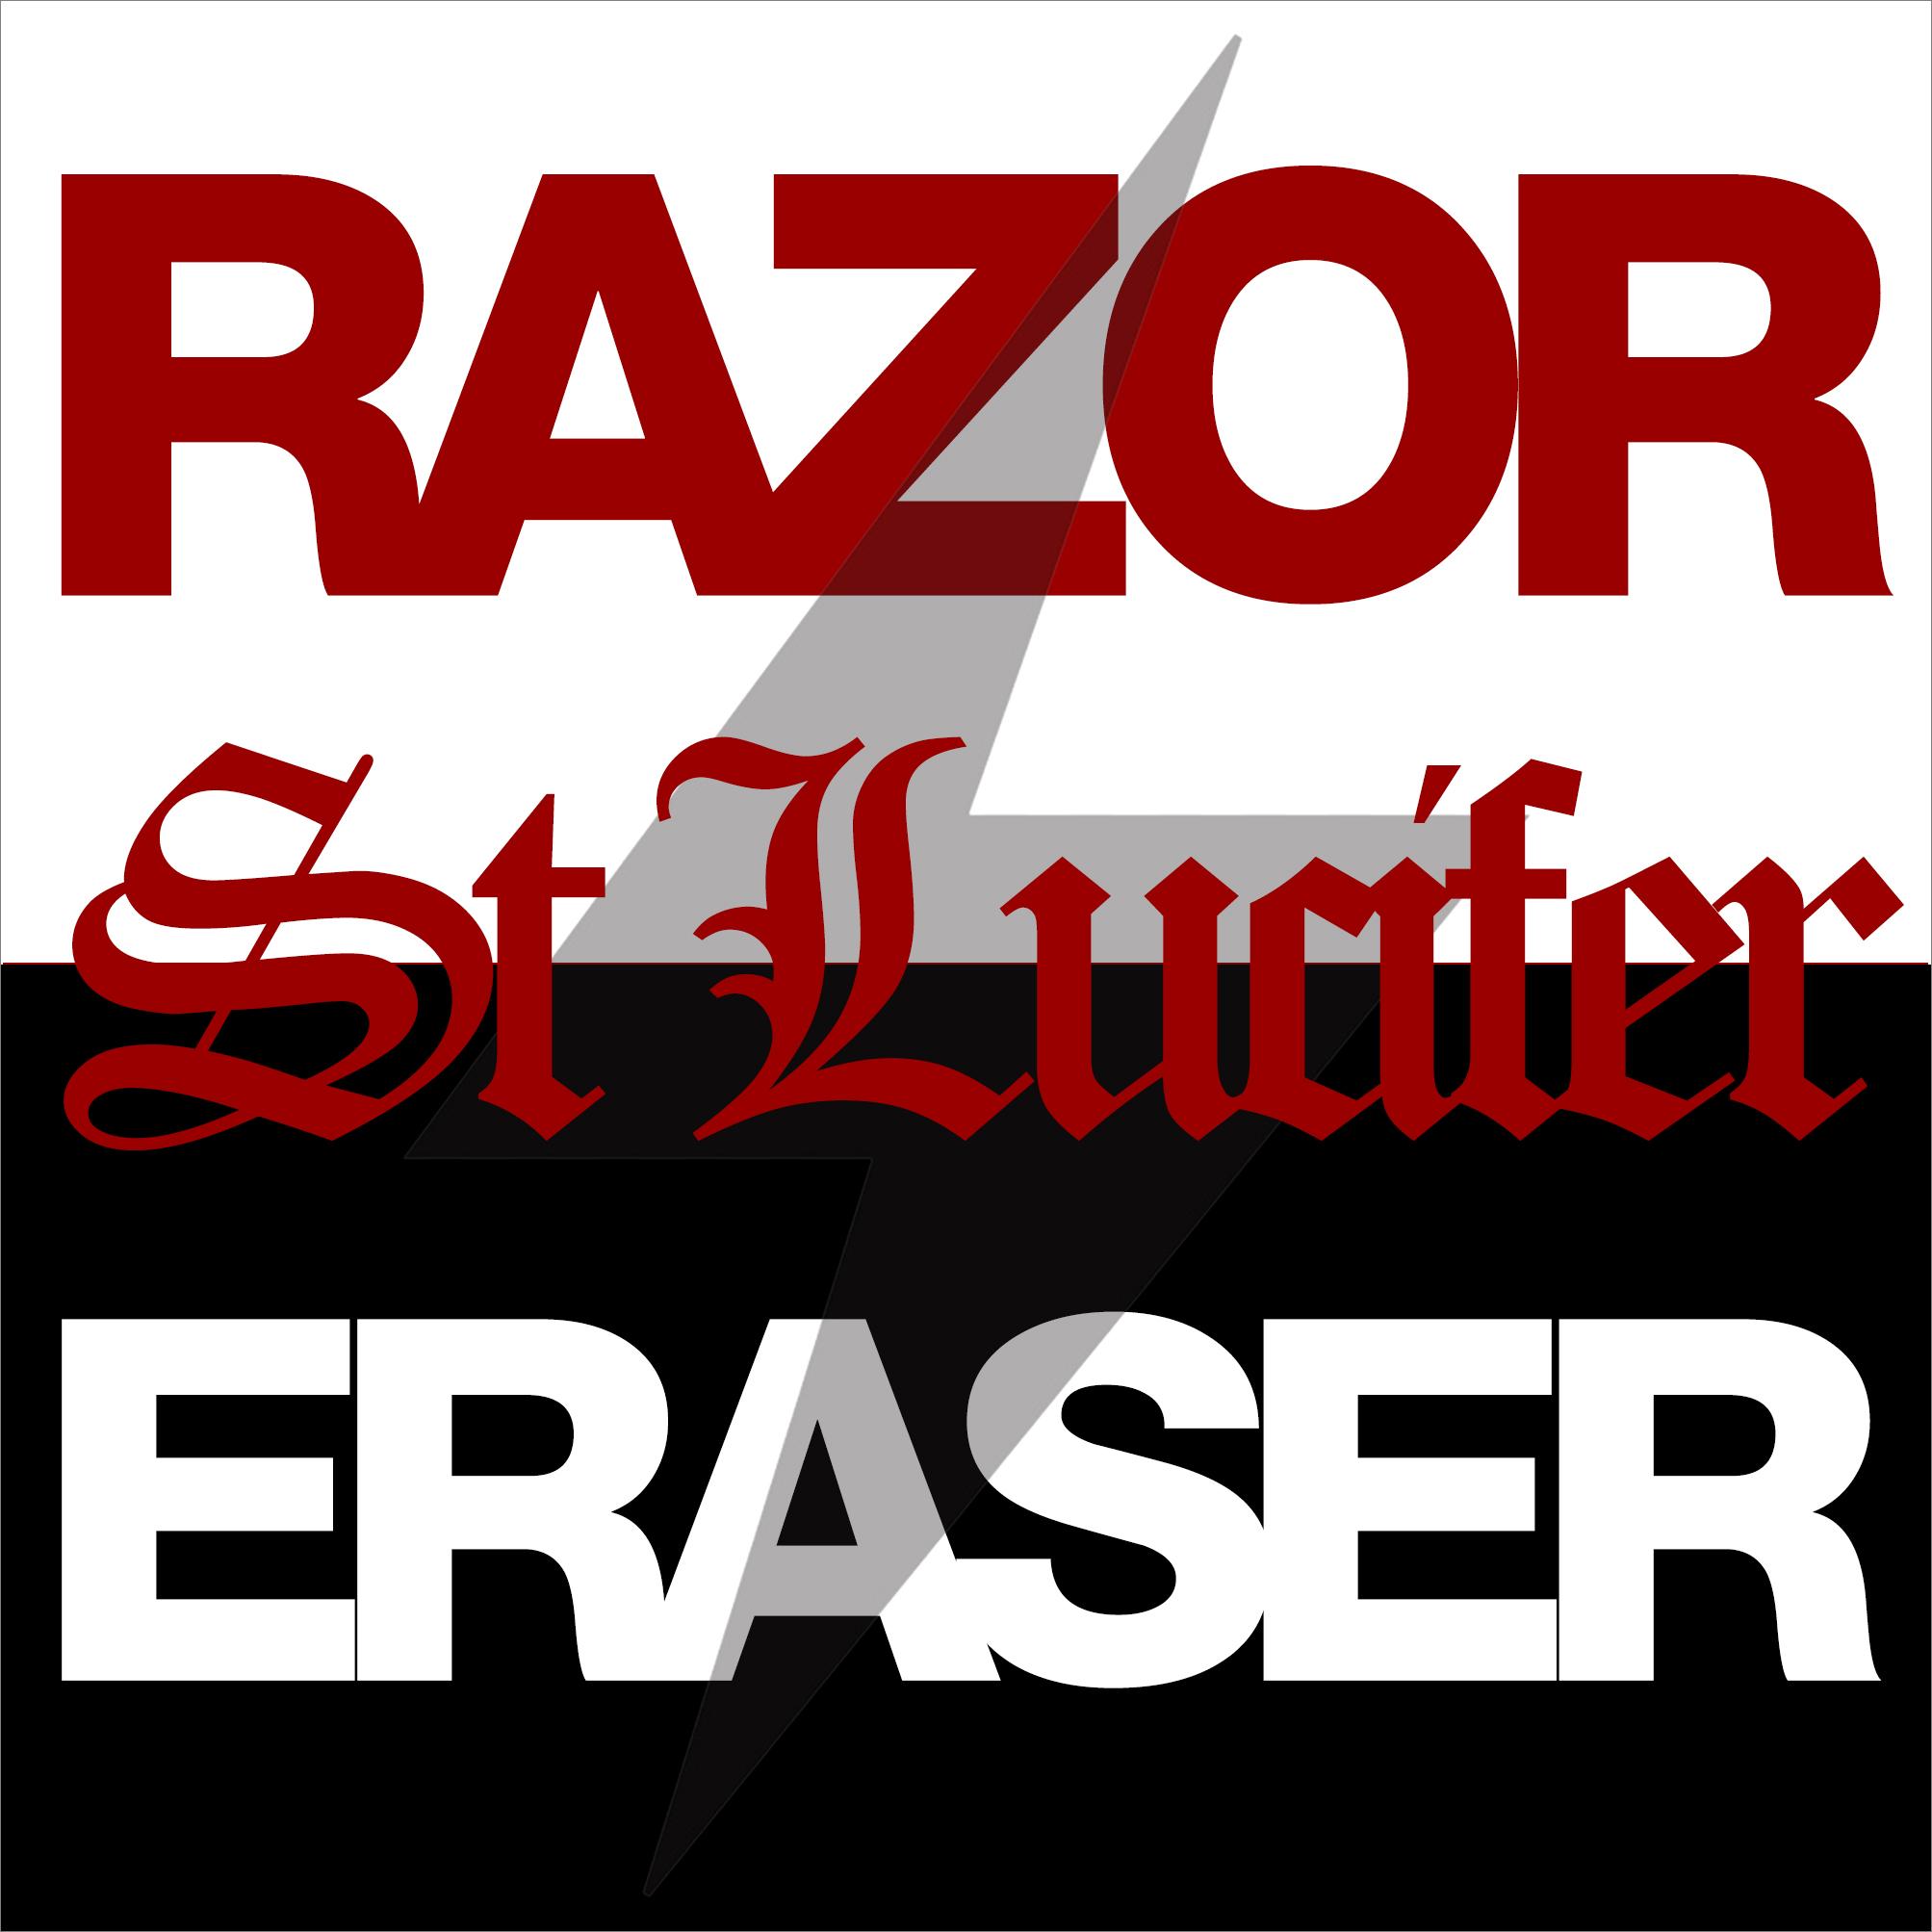 St Lucifer – Razor/eraser